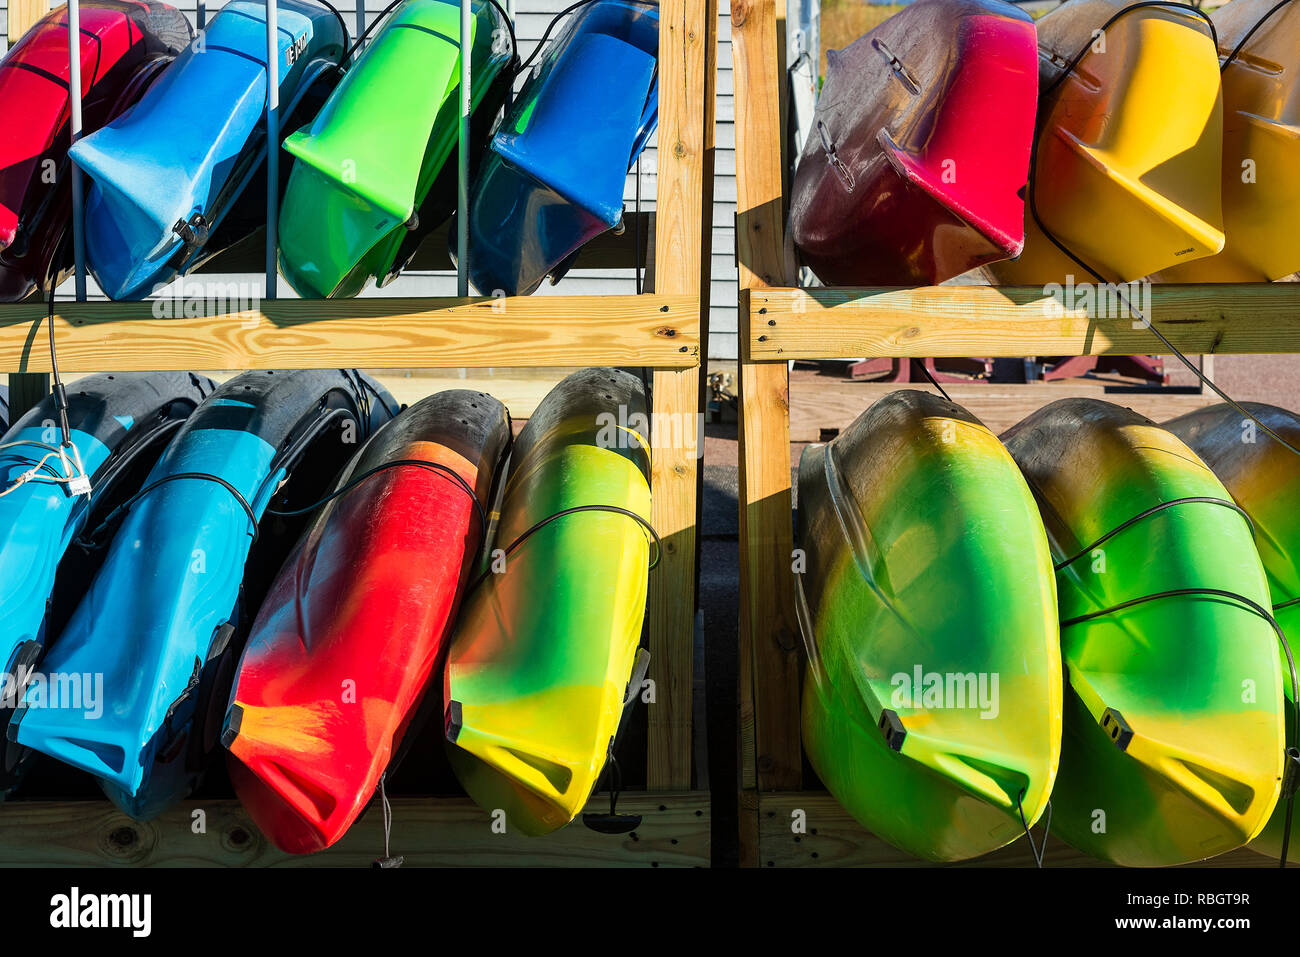 Selección de kayaks disponibles para alquilar, en Cape Cod, Massachusetts, EE.UU. Imagen De Stock